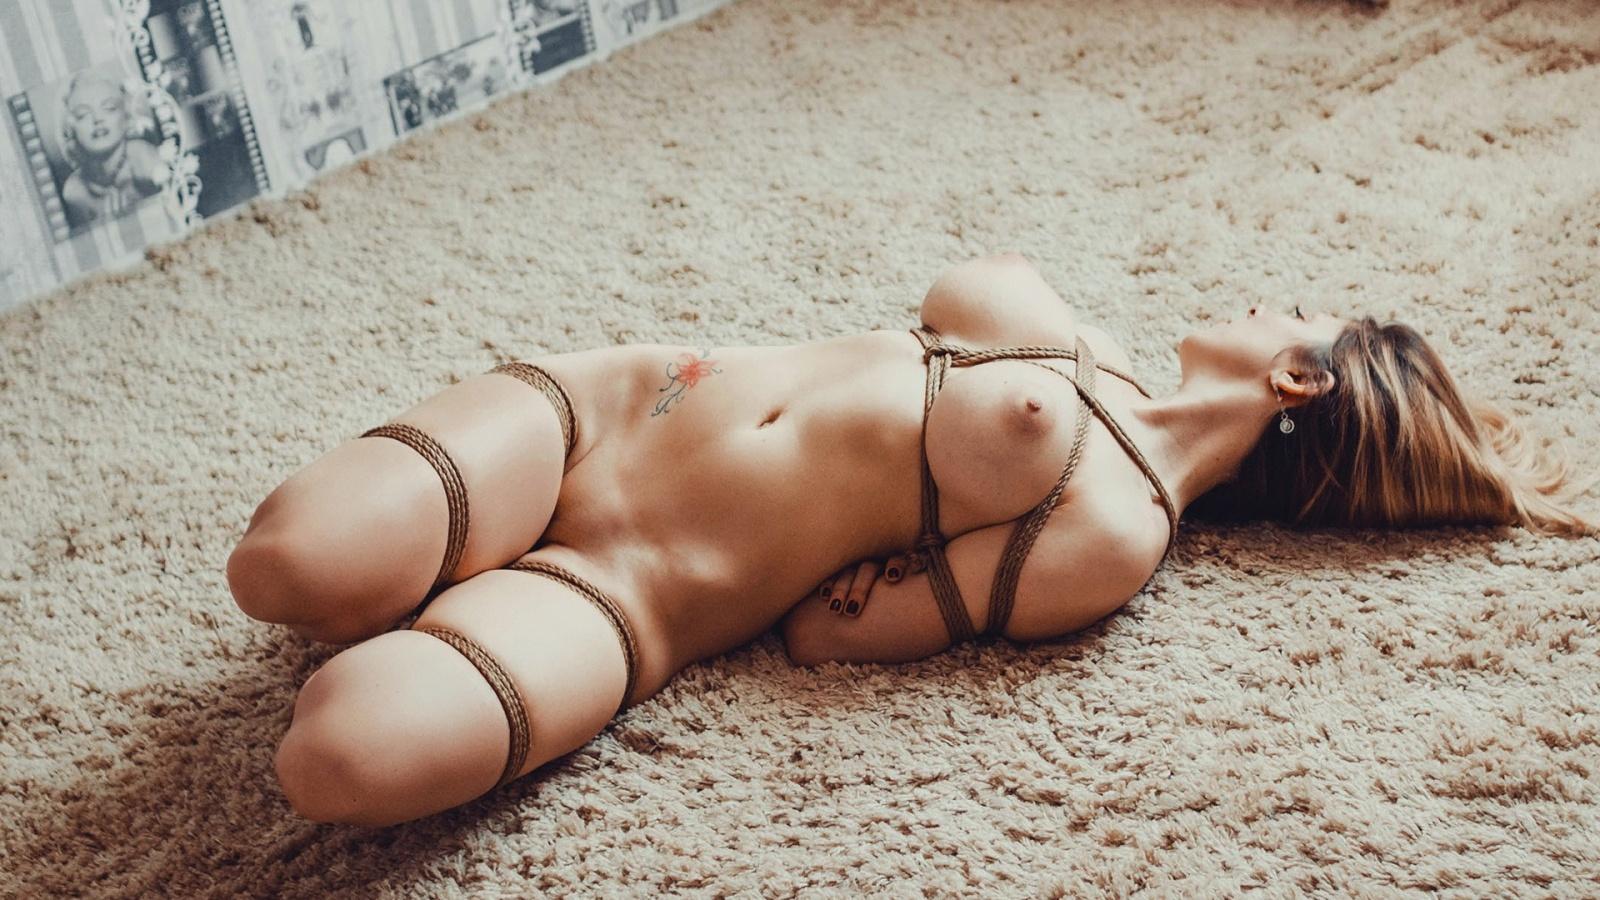 bondage games Hot